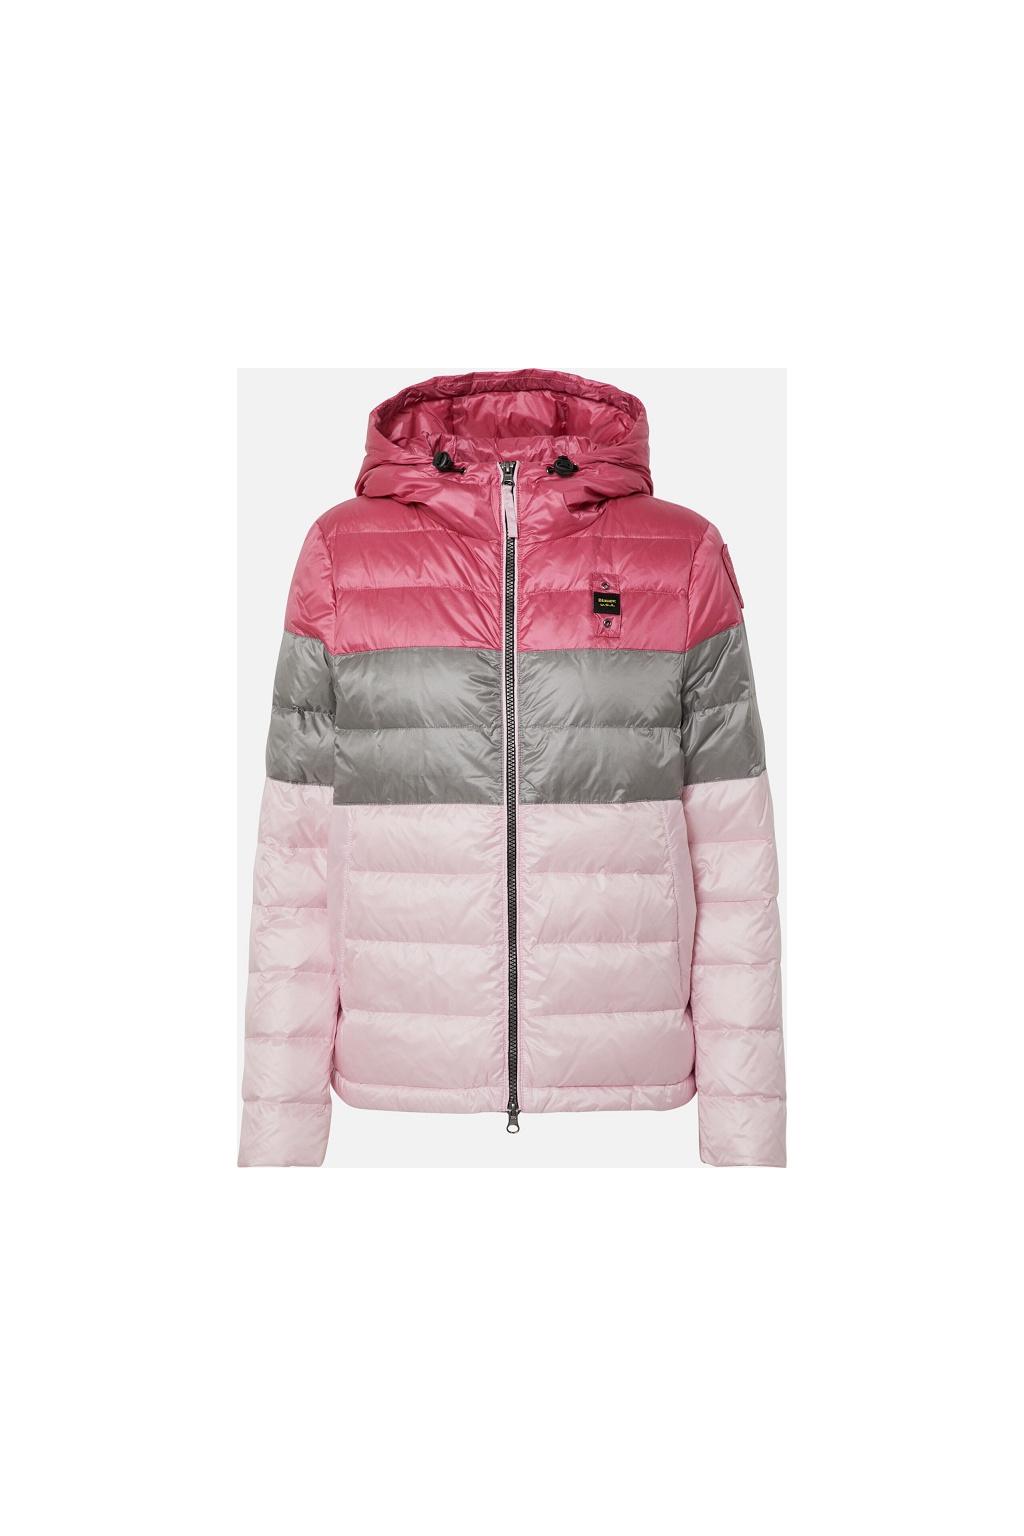 20SBLDC03143 Dámská bunda Blauer péřová růžová